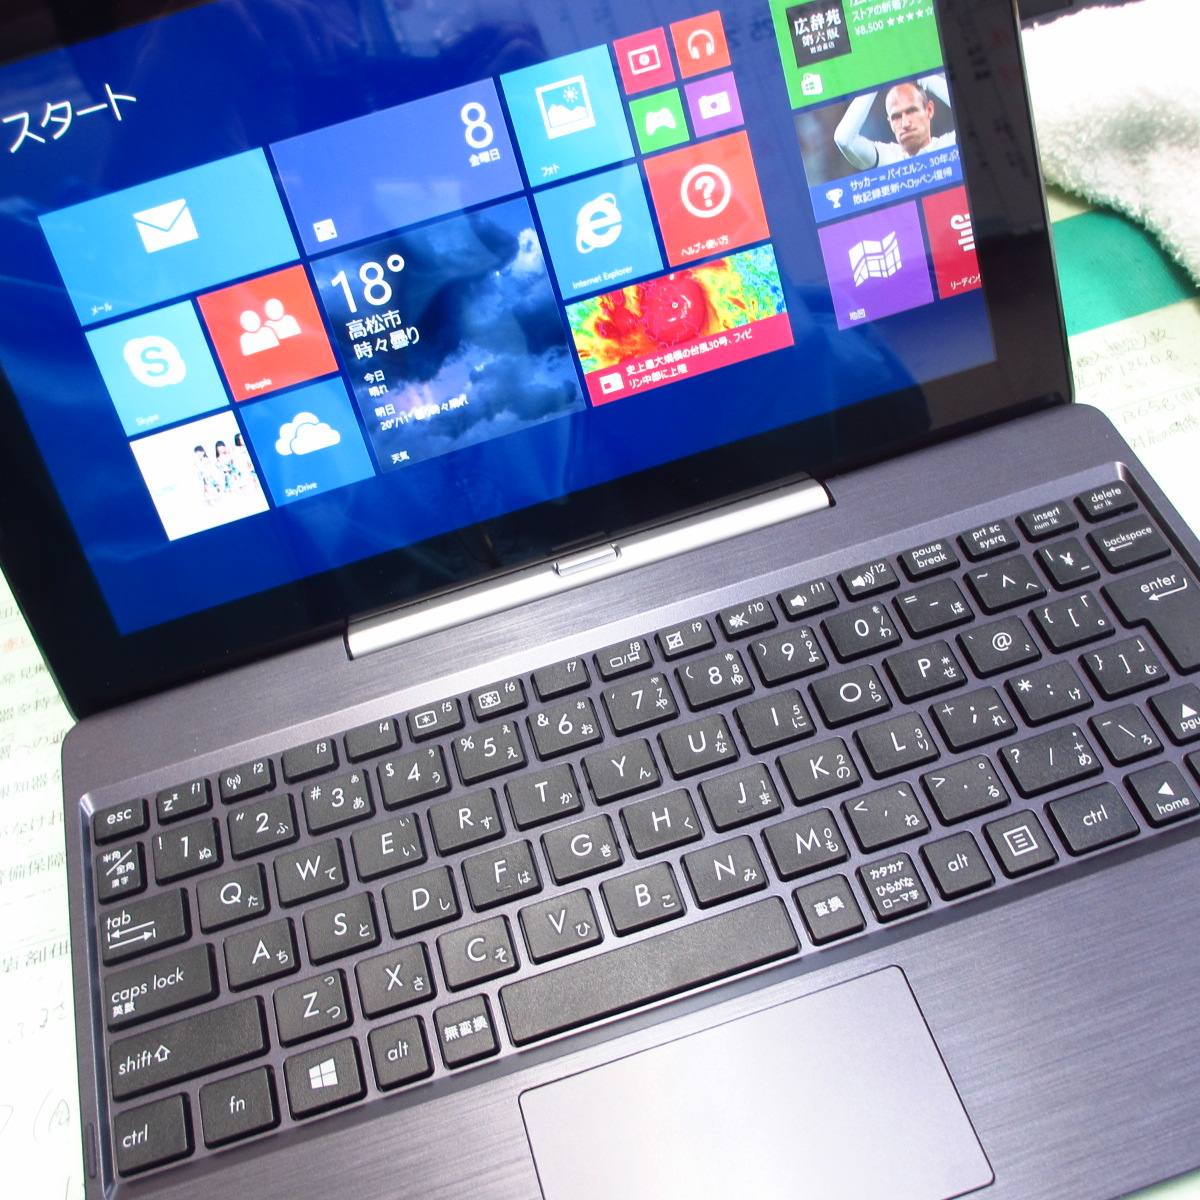 だって、安かったんだもの!「ASUS TransBook T100TA-DK32G」をつい買ってしまった!